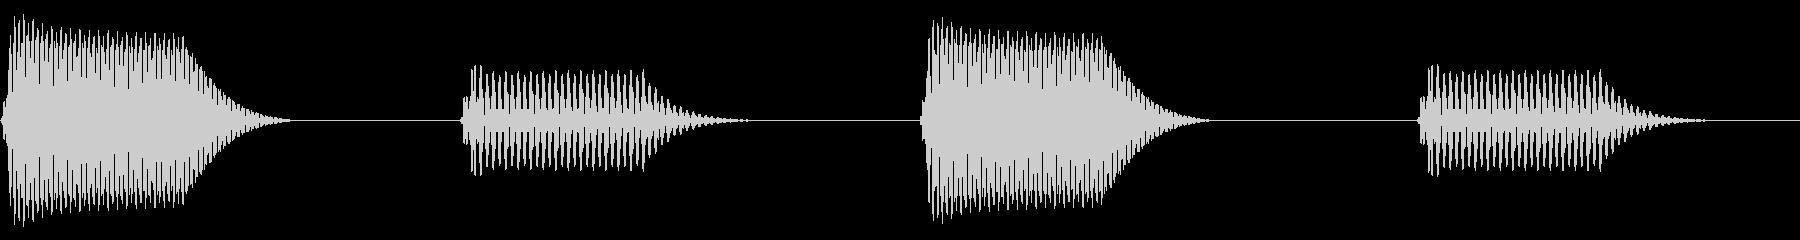 往年のRPG風 コマンド音 シリーズ14の未再生の波形